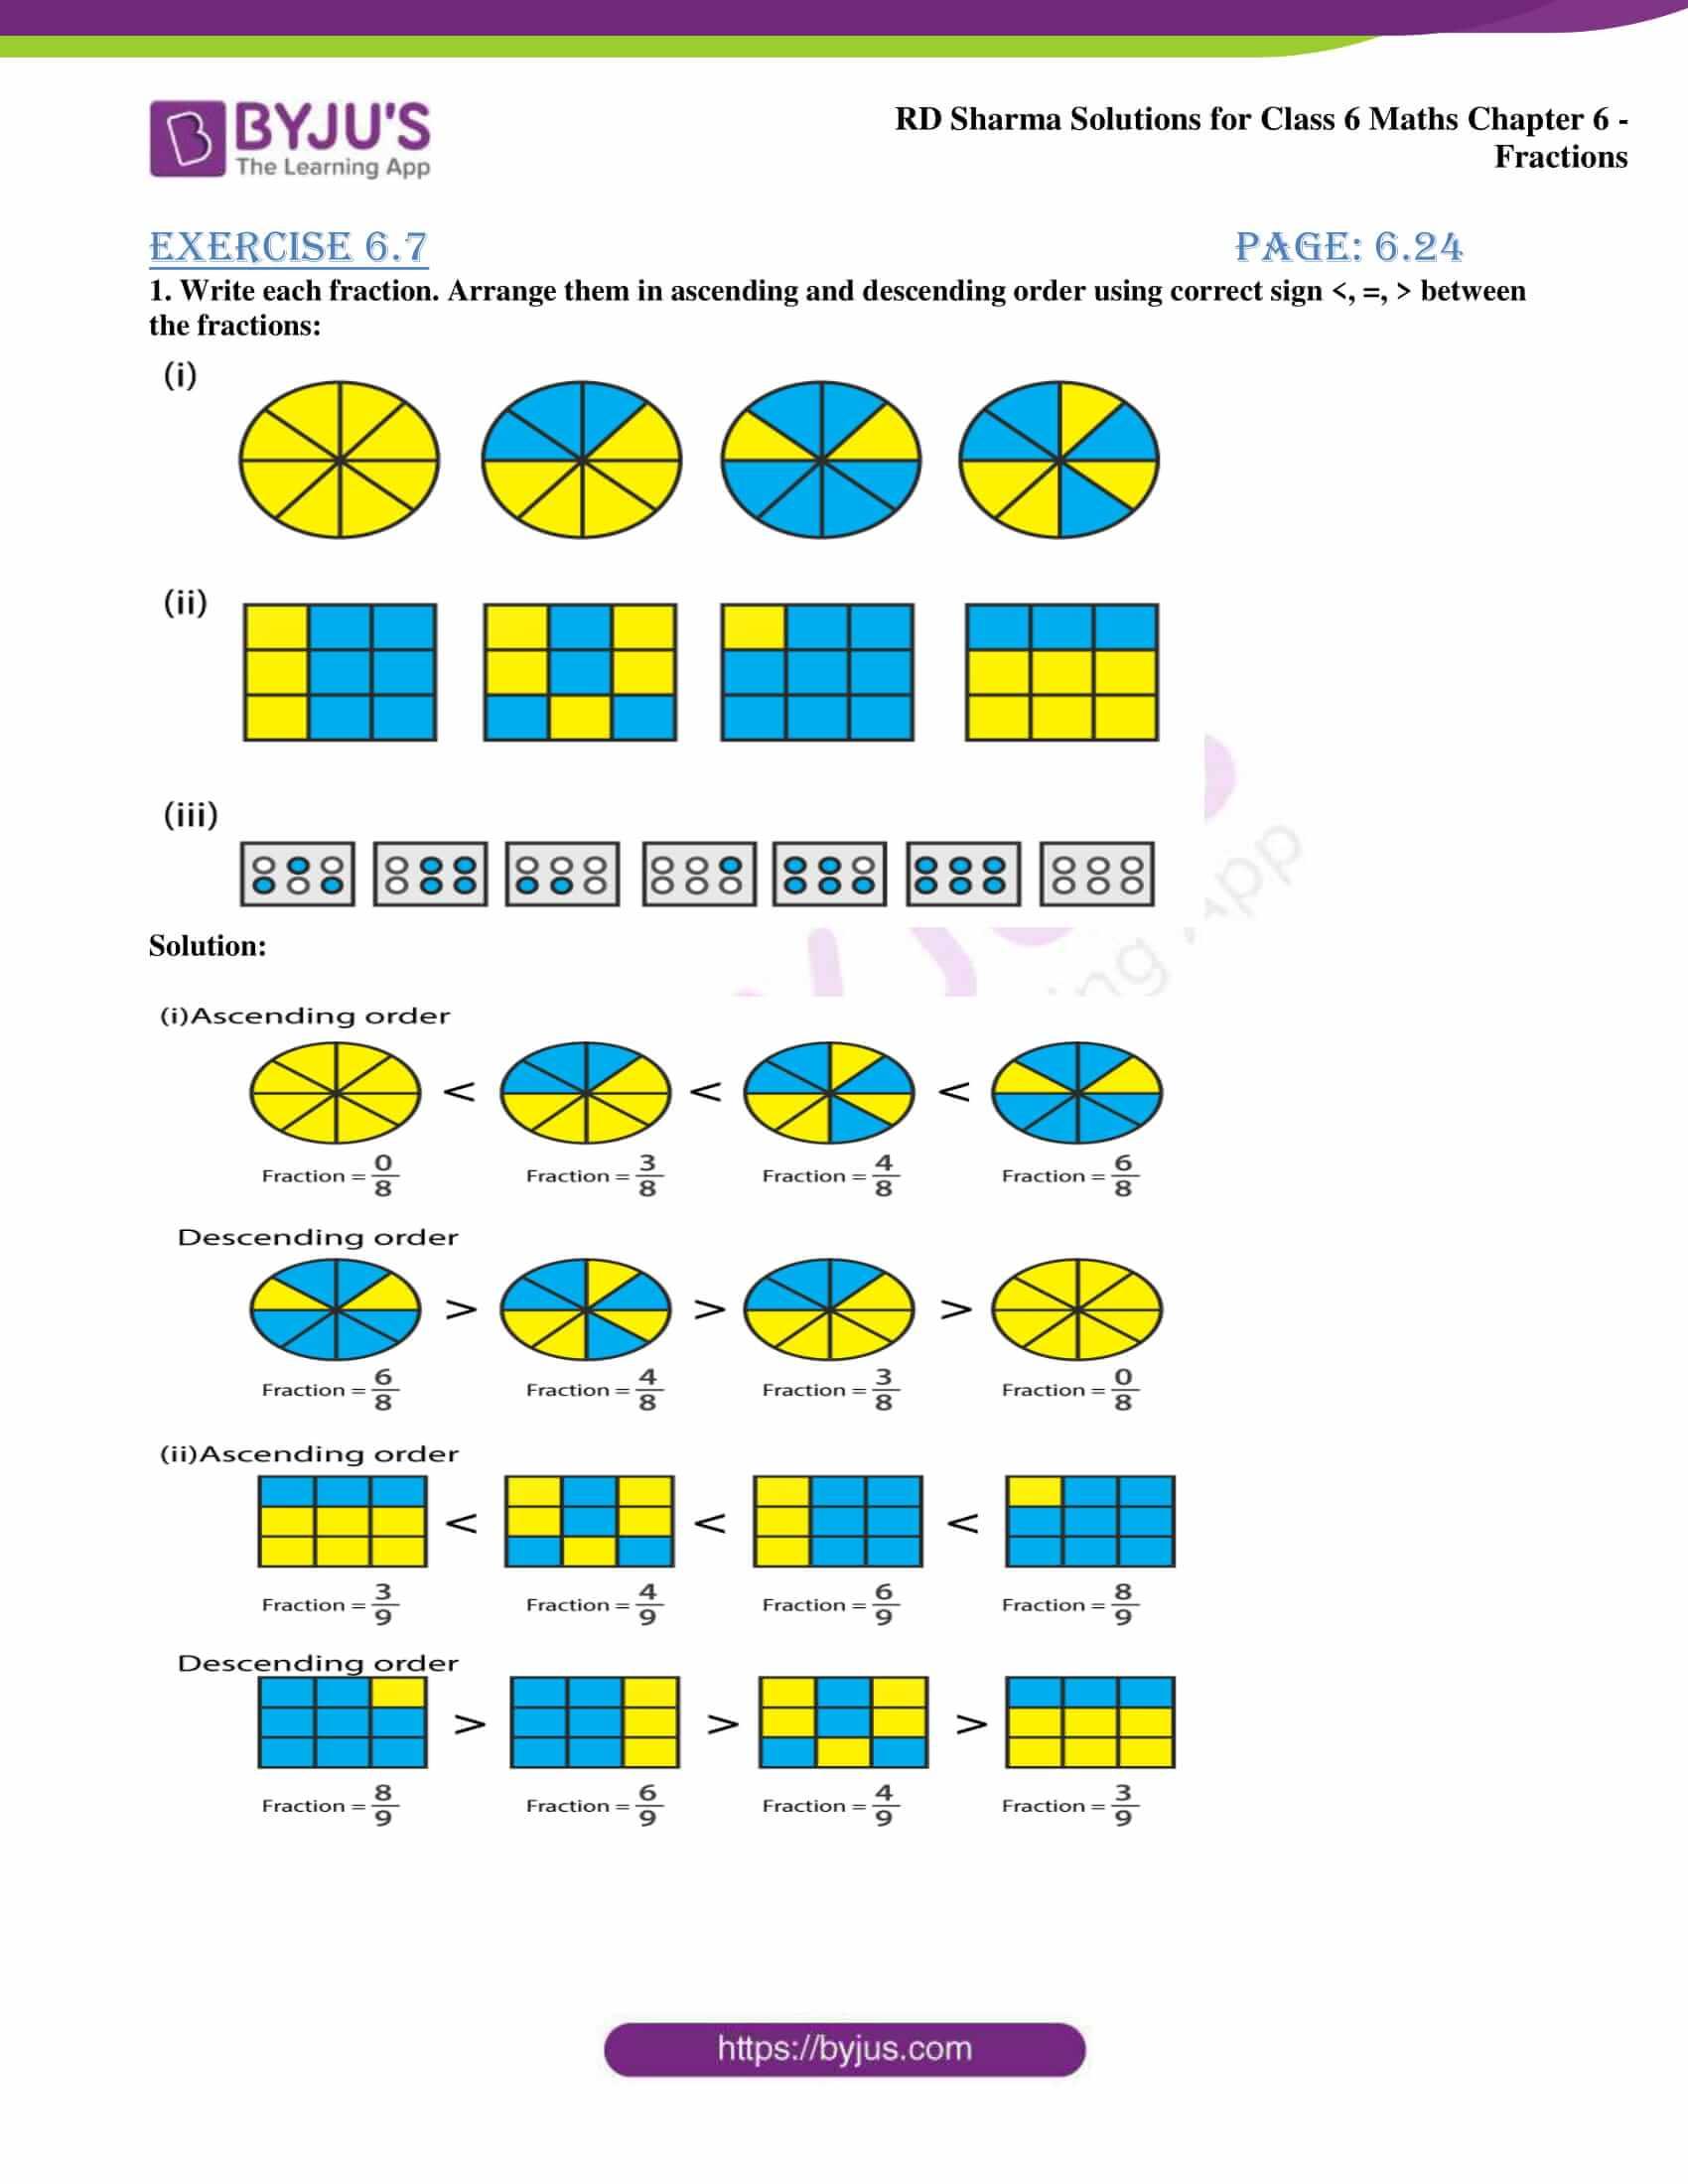 rd sharma class 6 maths solutions chapter 6 ex 7 1